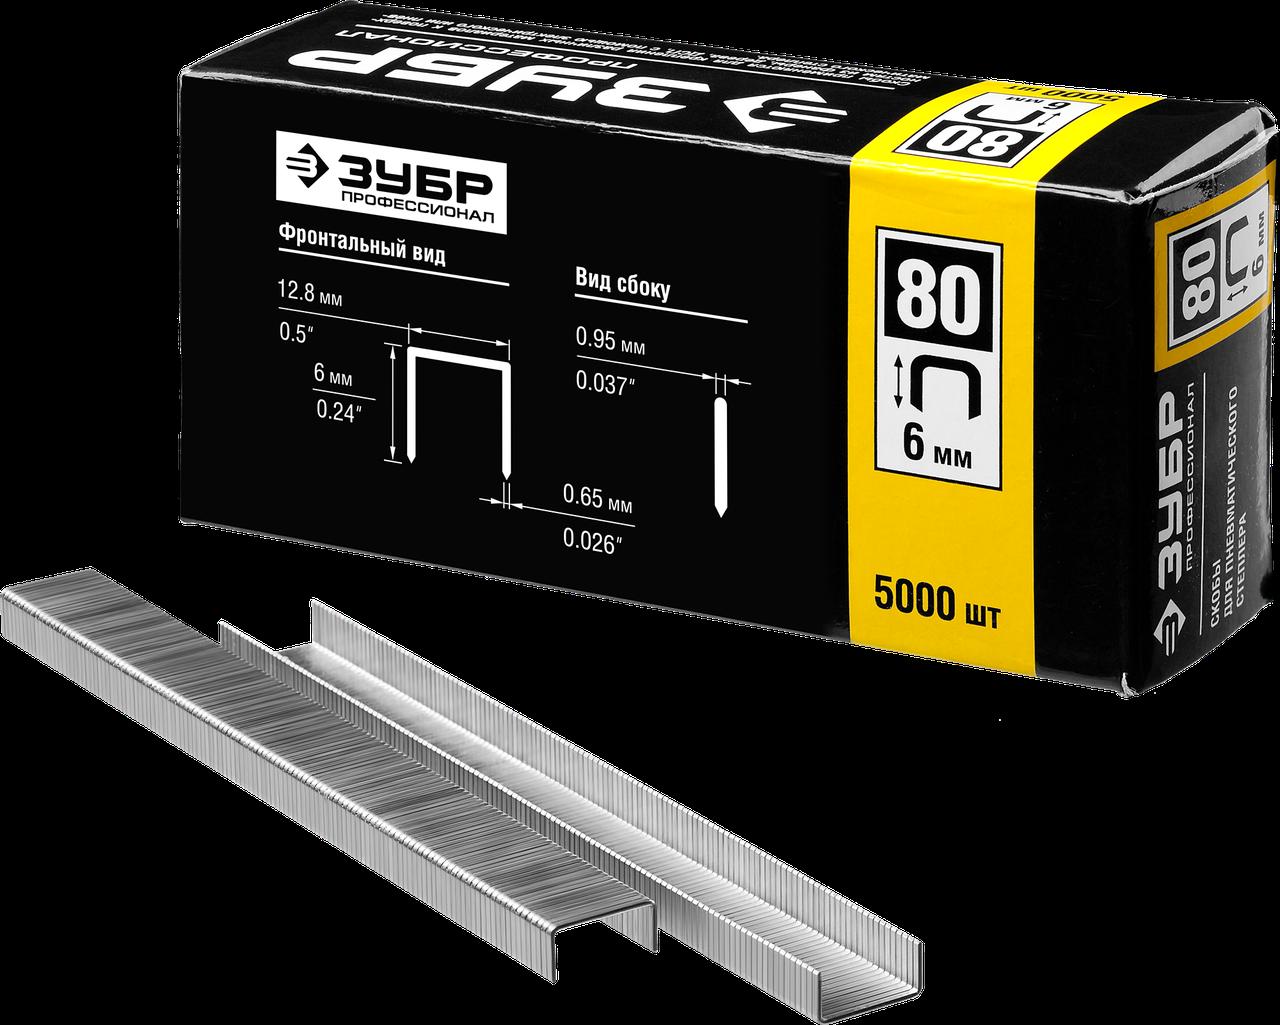 ЗУБР 6  мм скобы для степлера тонкие широкие тип 80, 5000 шт